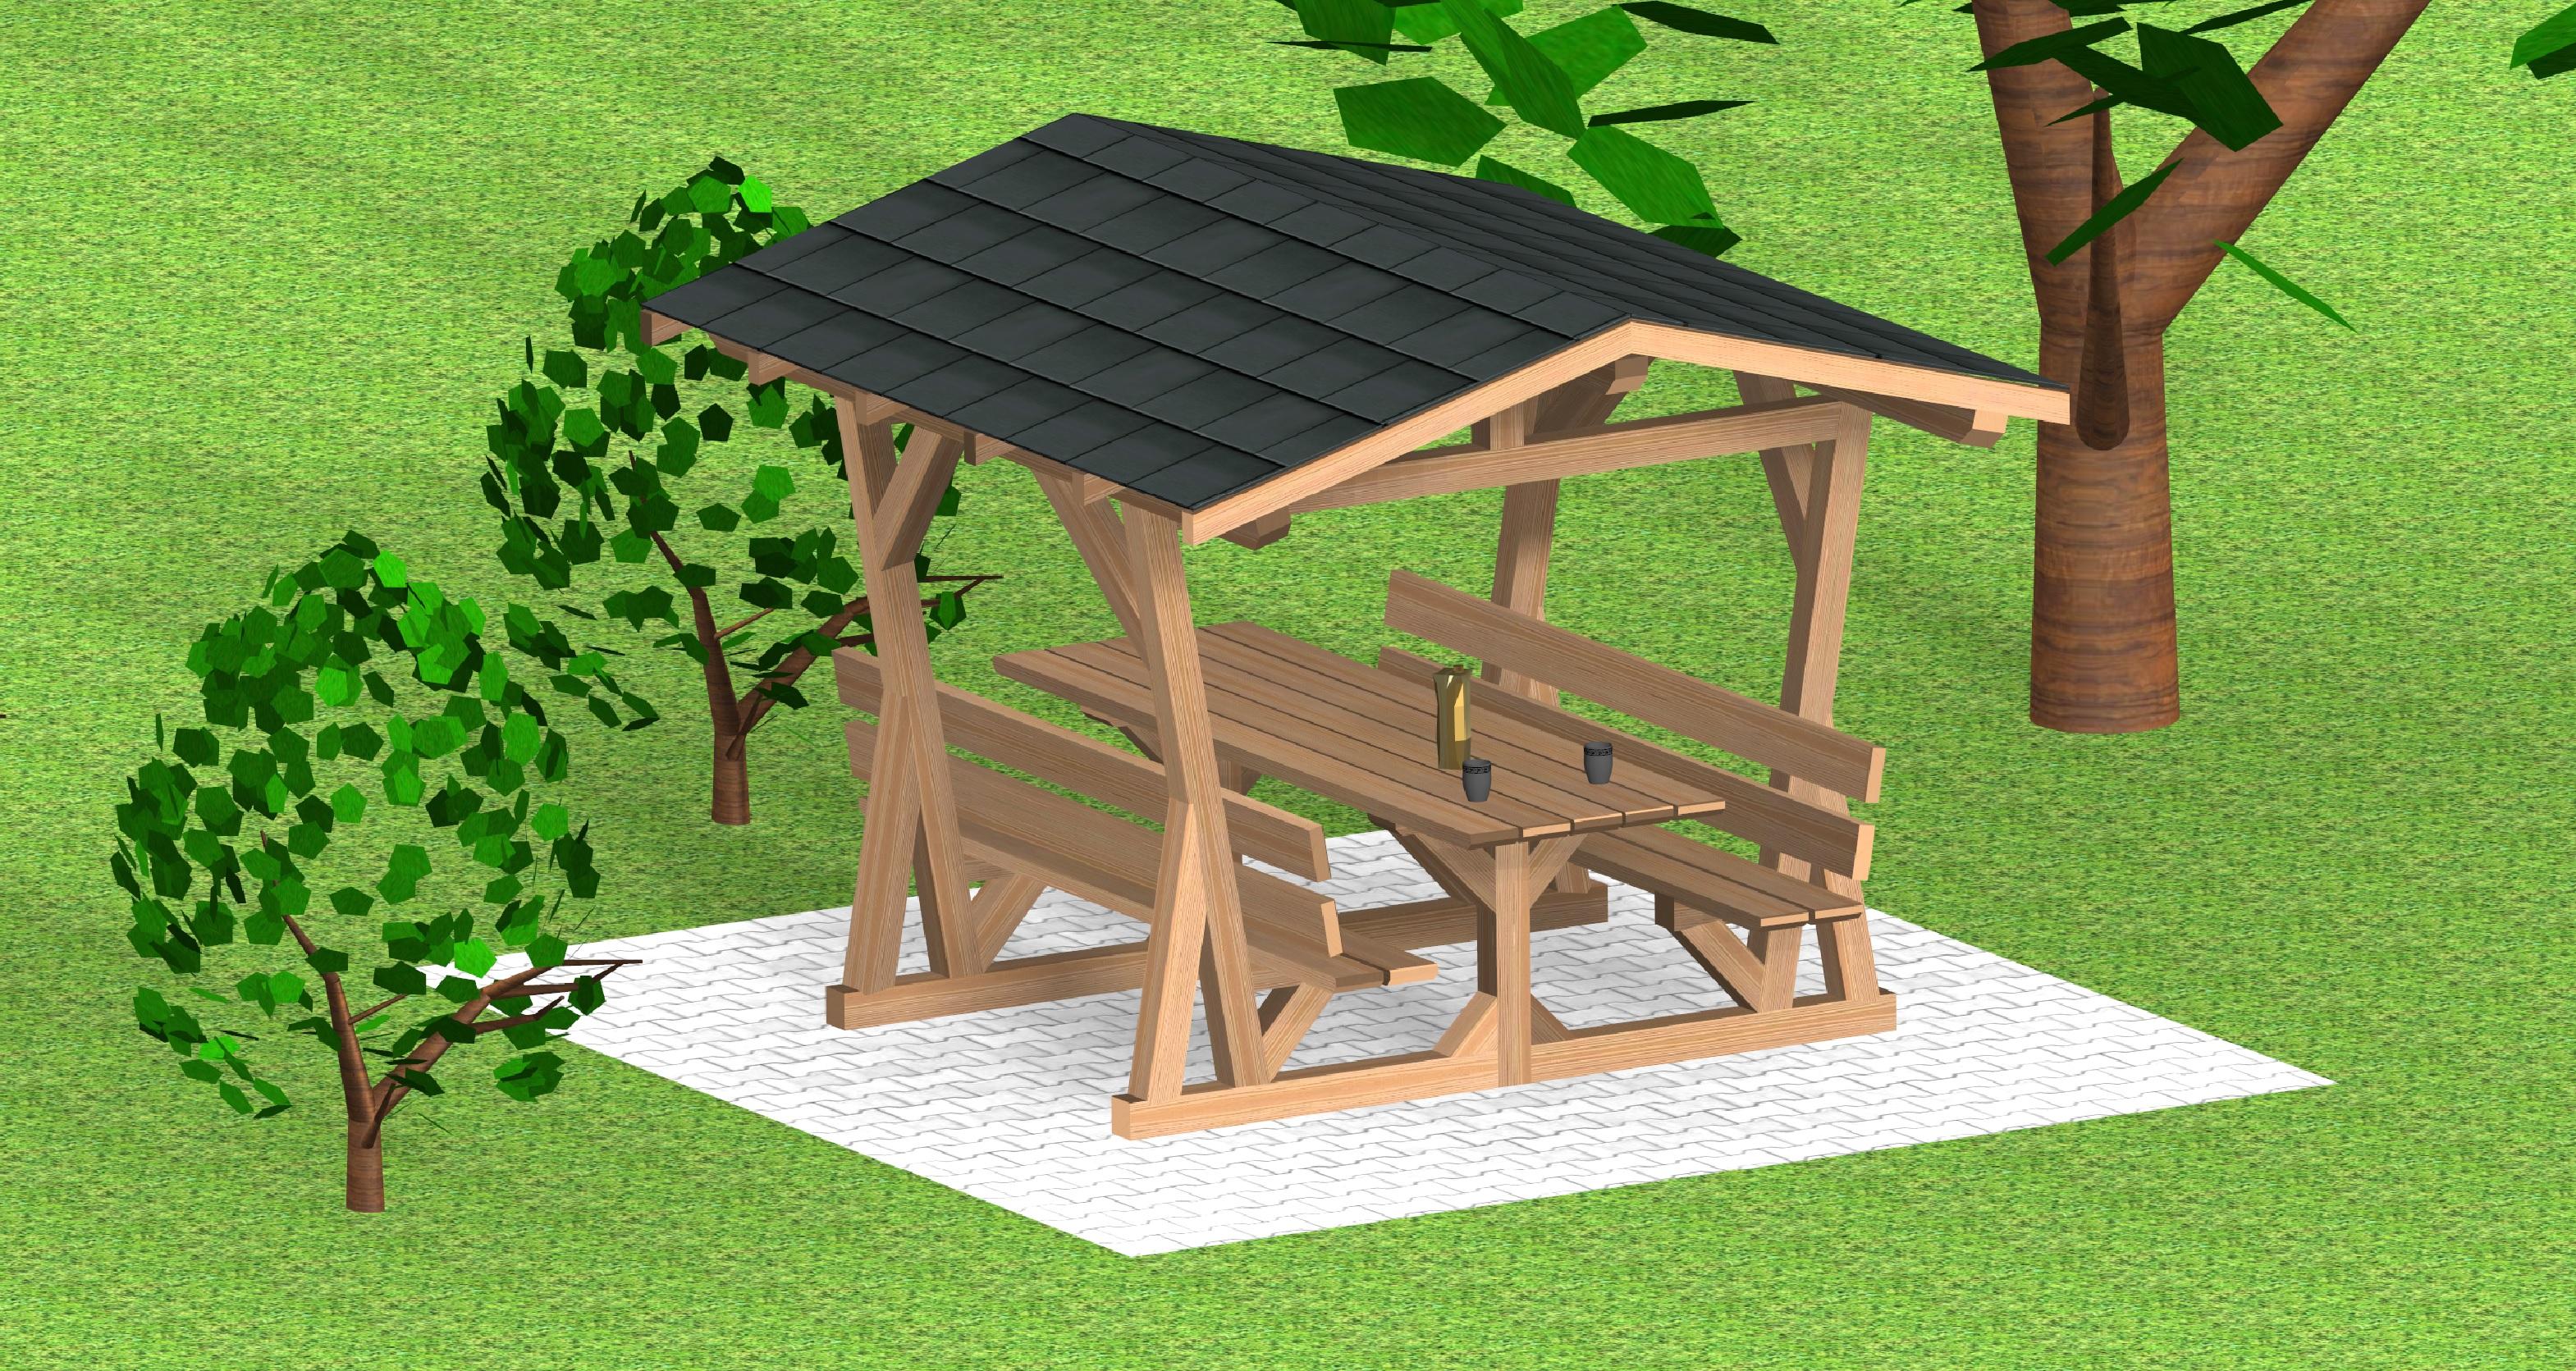 SOCAB Table de pique nique abritee Vue 3d en espace vert